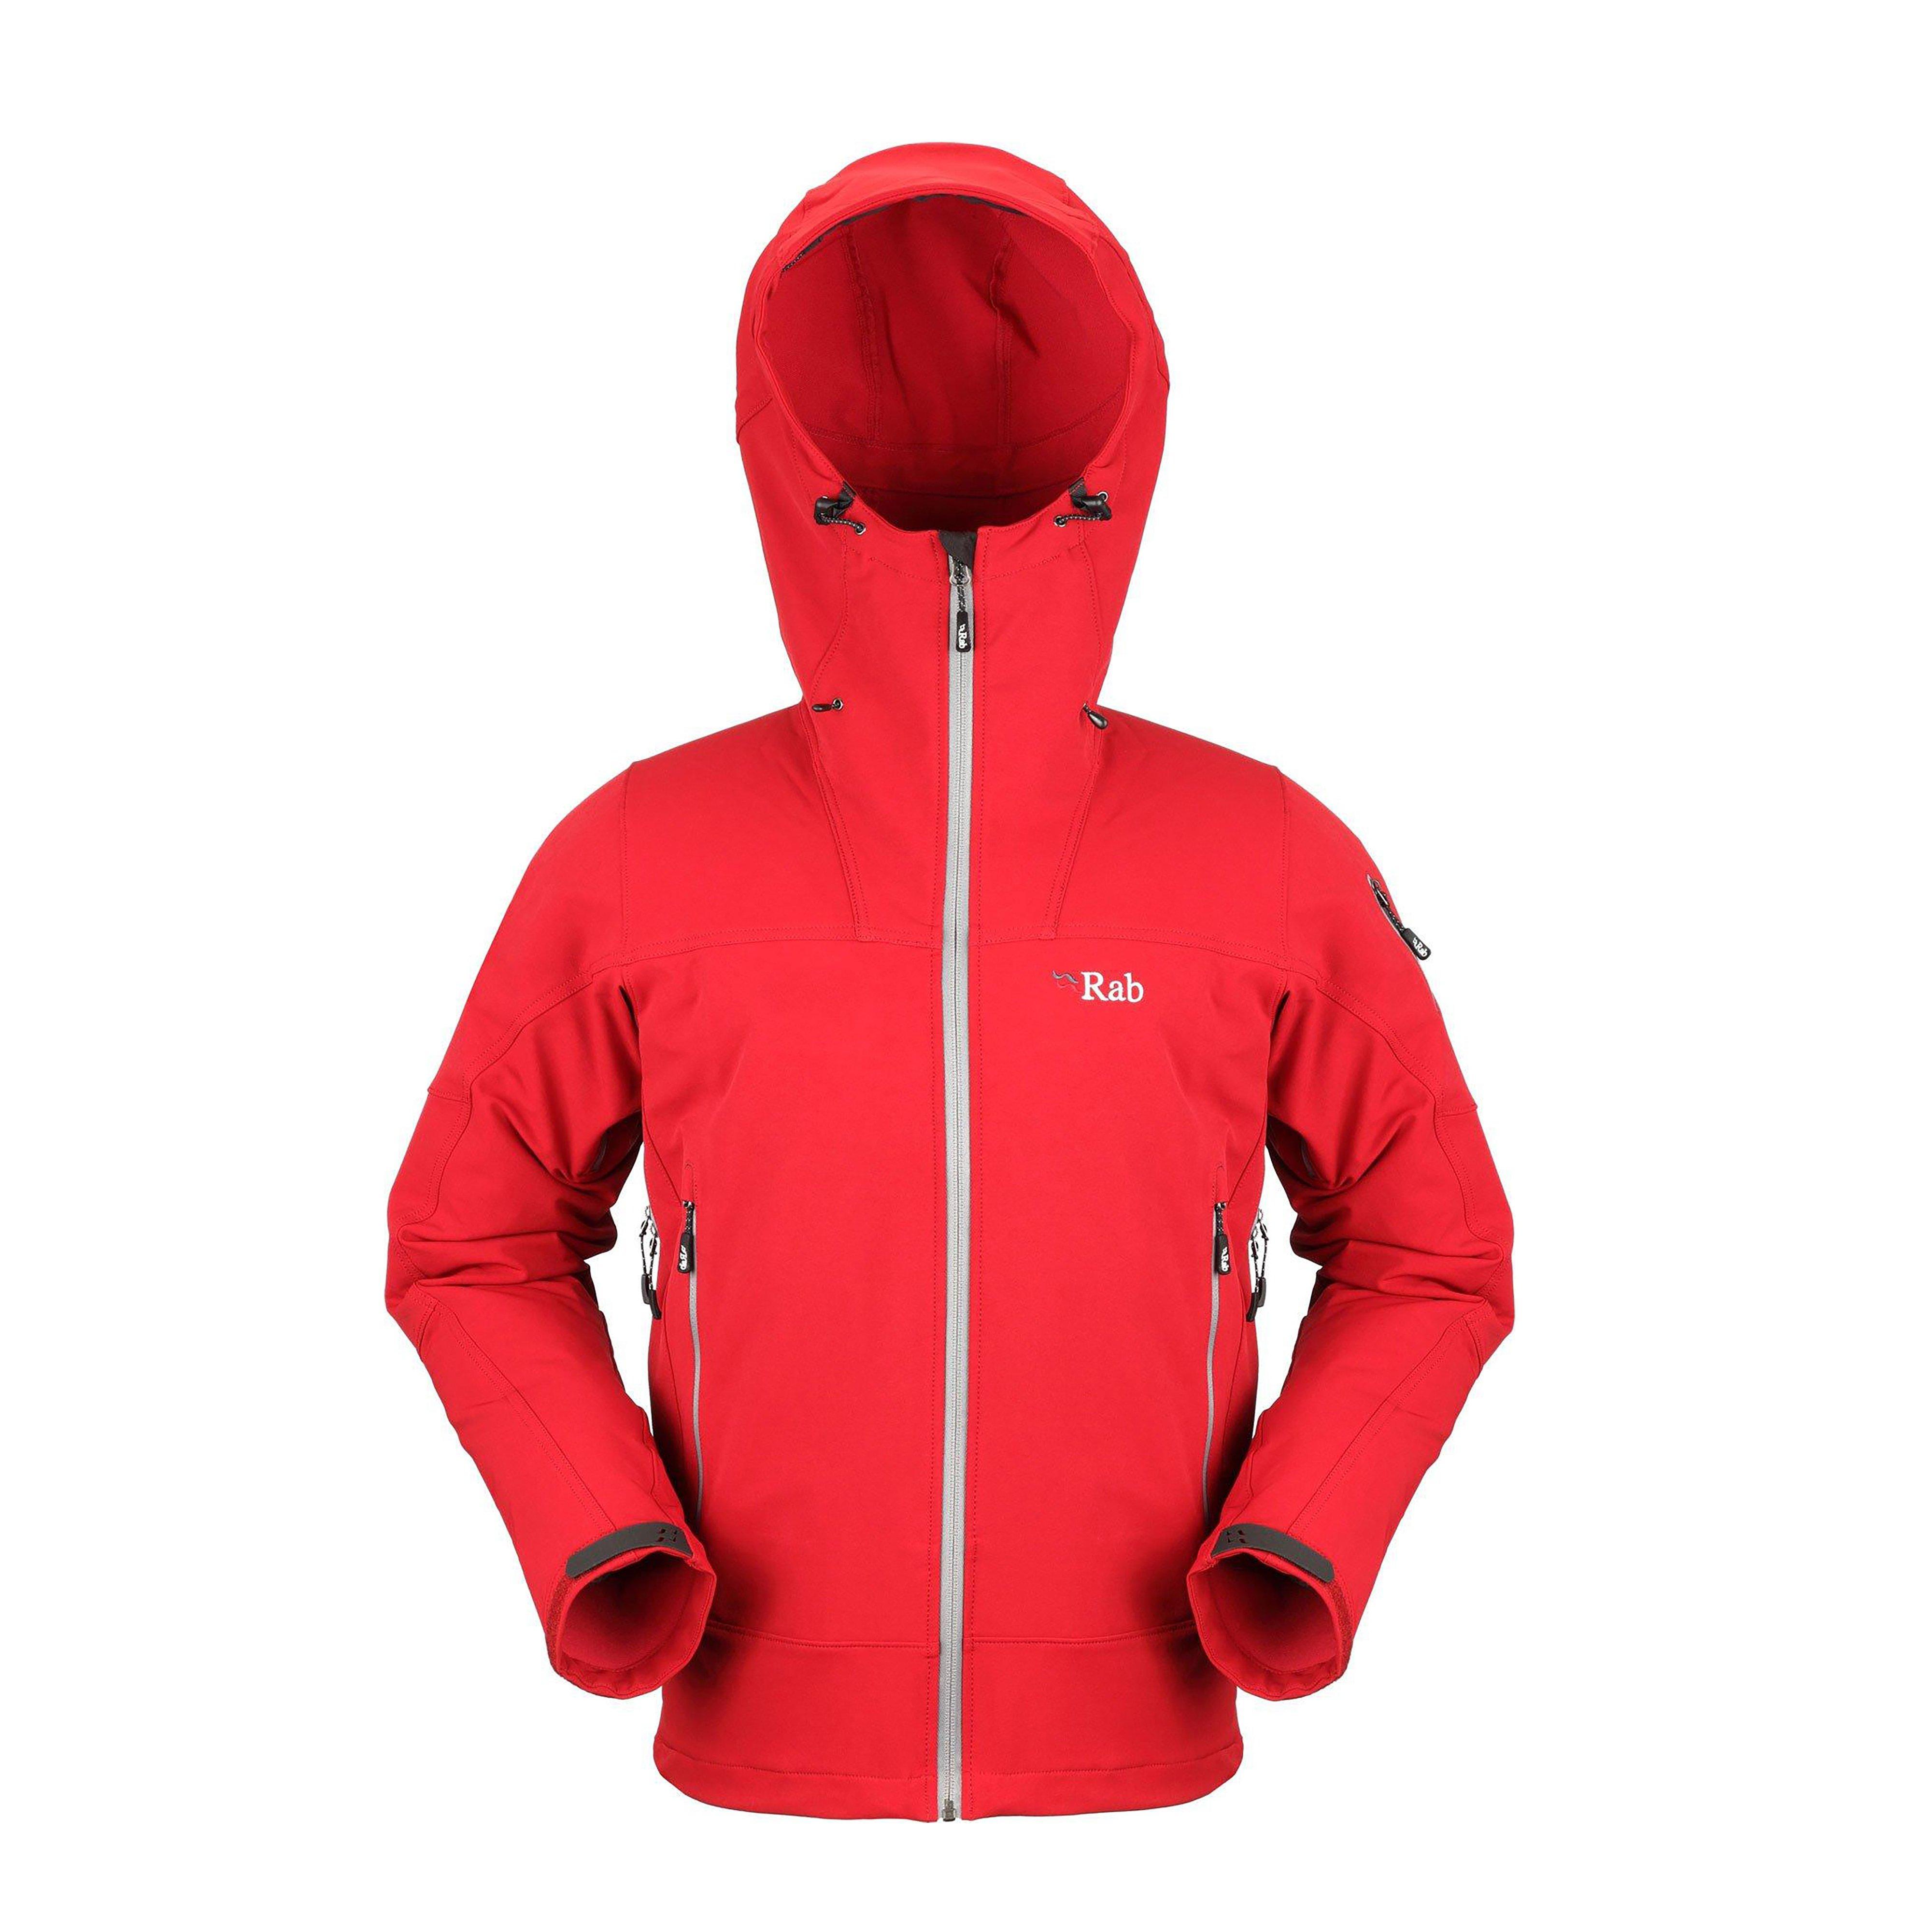 Mens red rab jacket